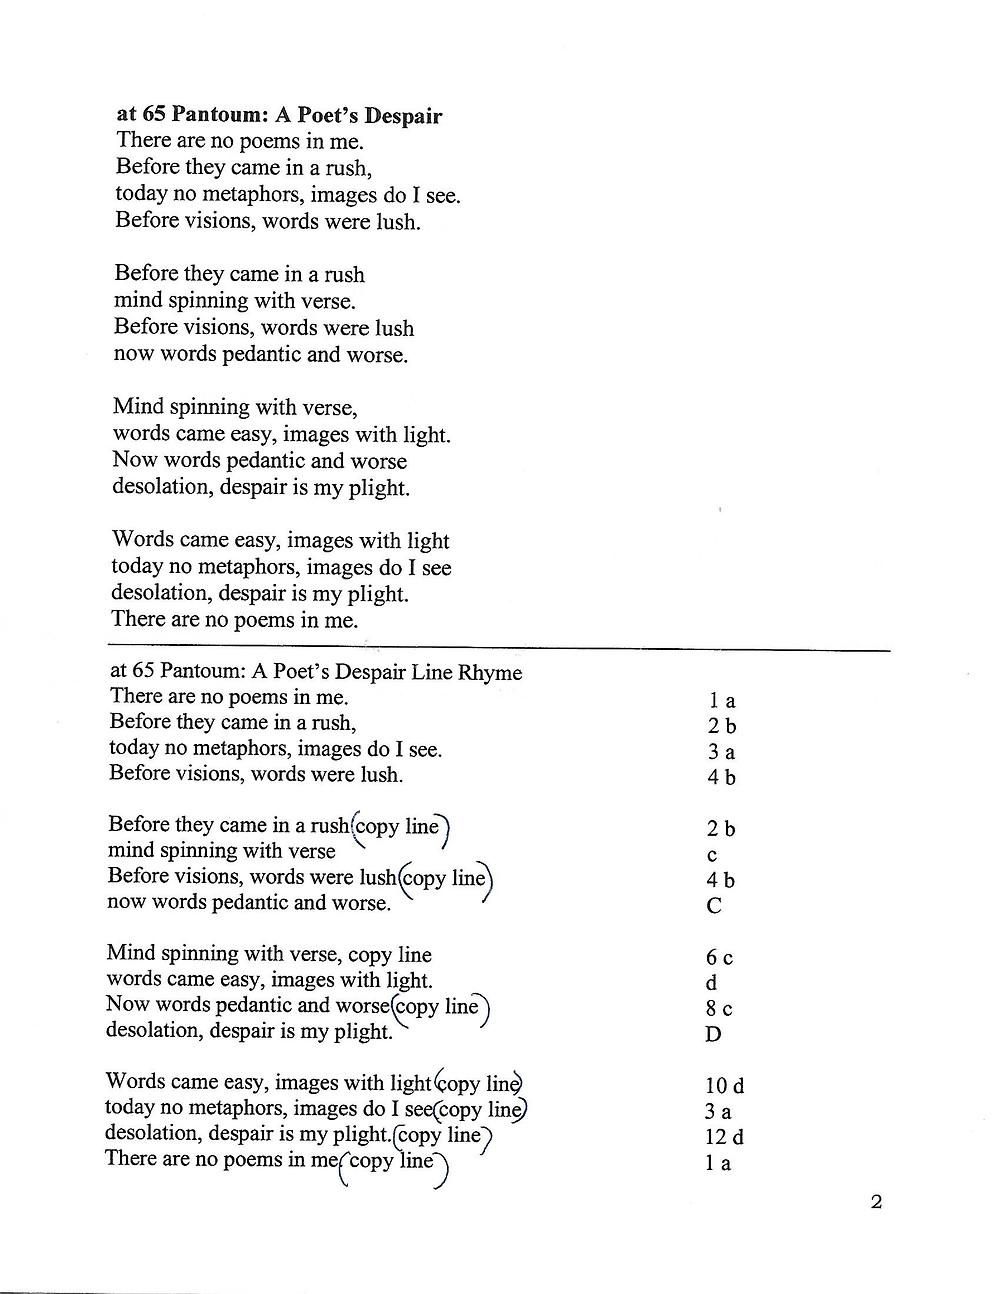 """Poem titled """"At 65 Pantoum: A Poet's Despair"""" by Lynn Skapyak Harlin"""